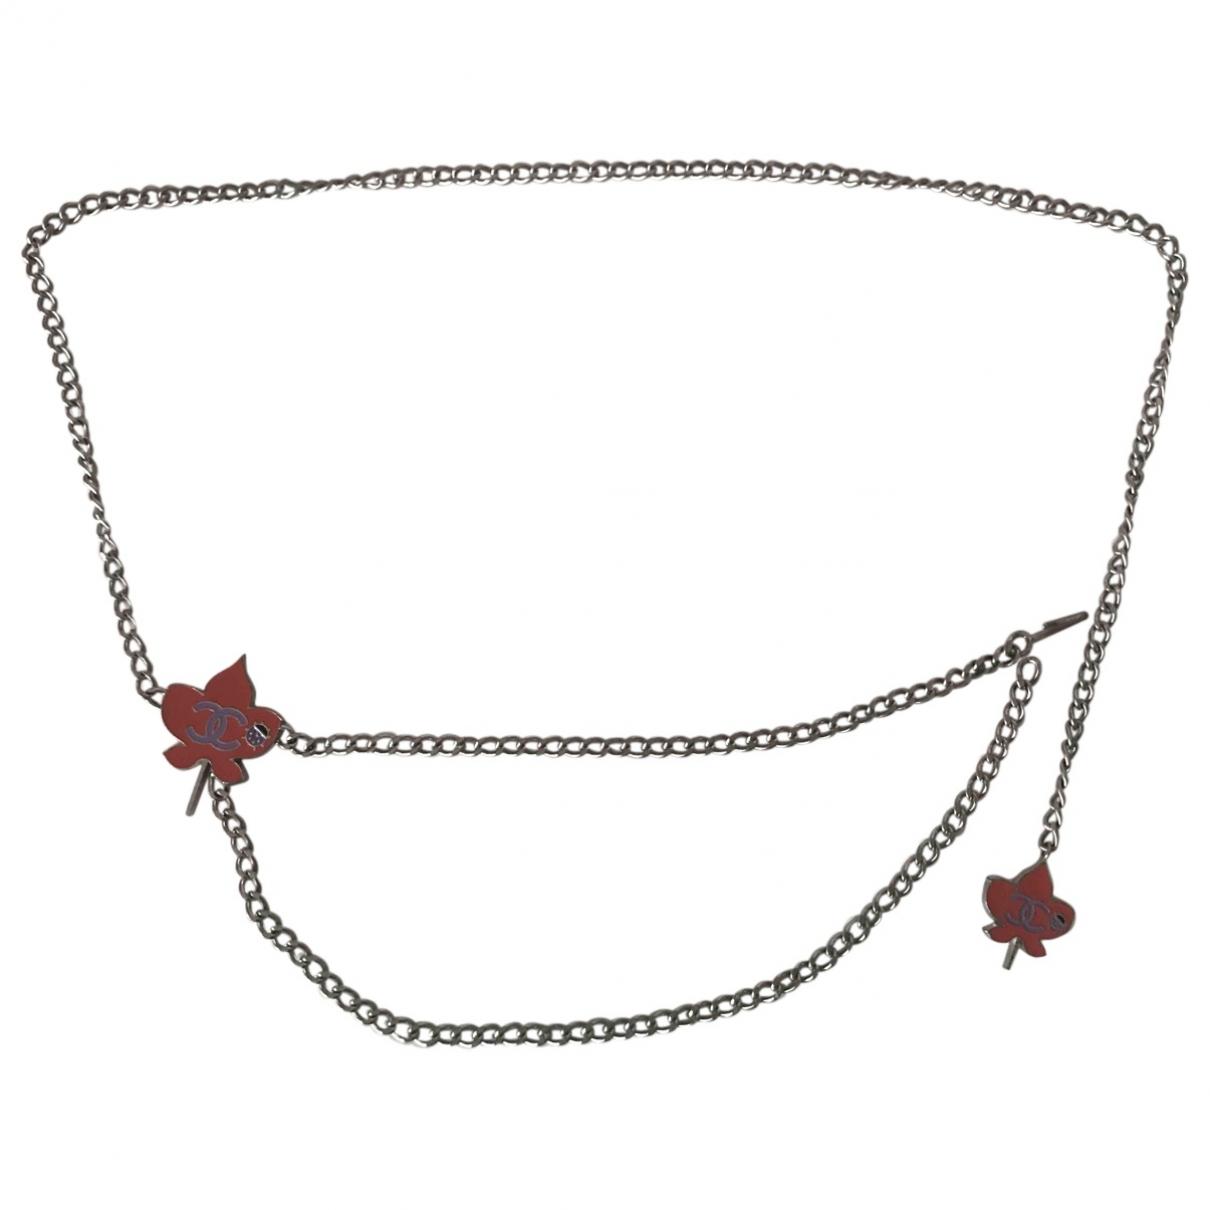 Chanel \N Silver Metal belt for Women M International